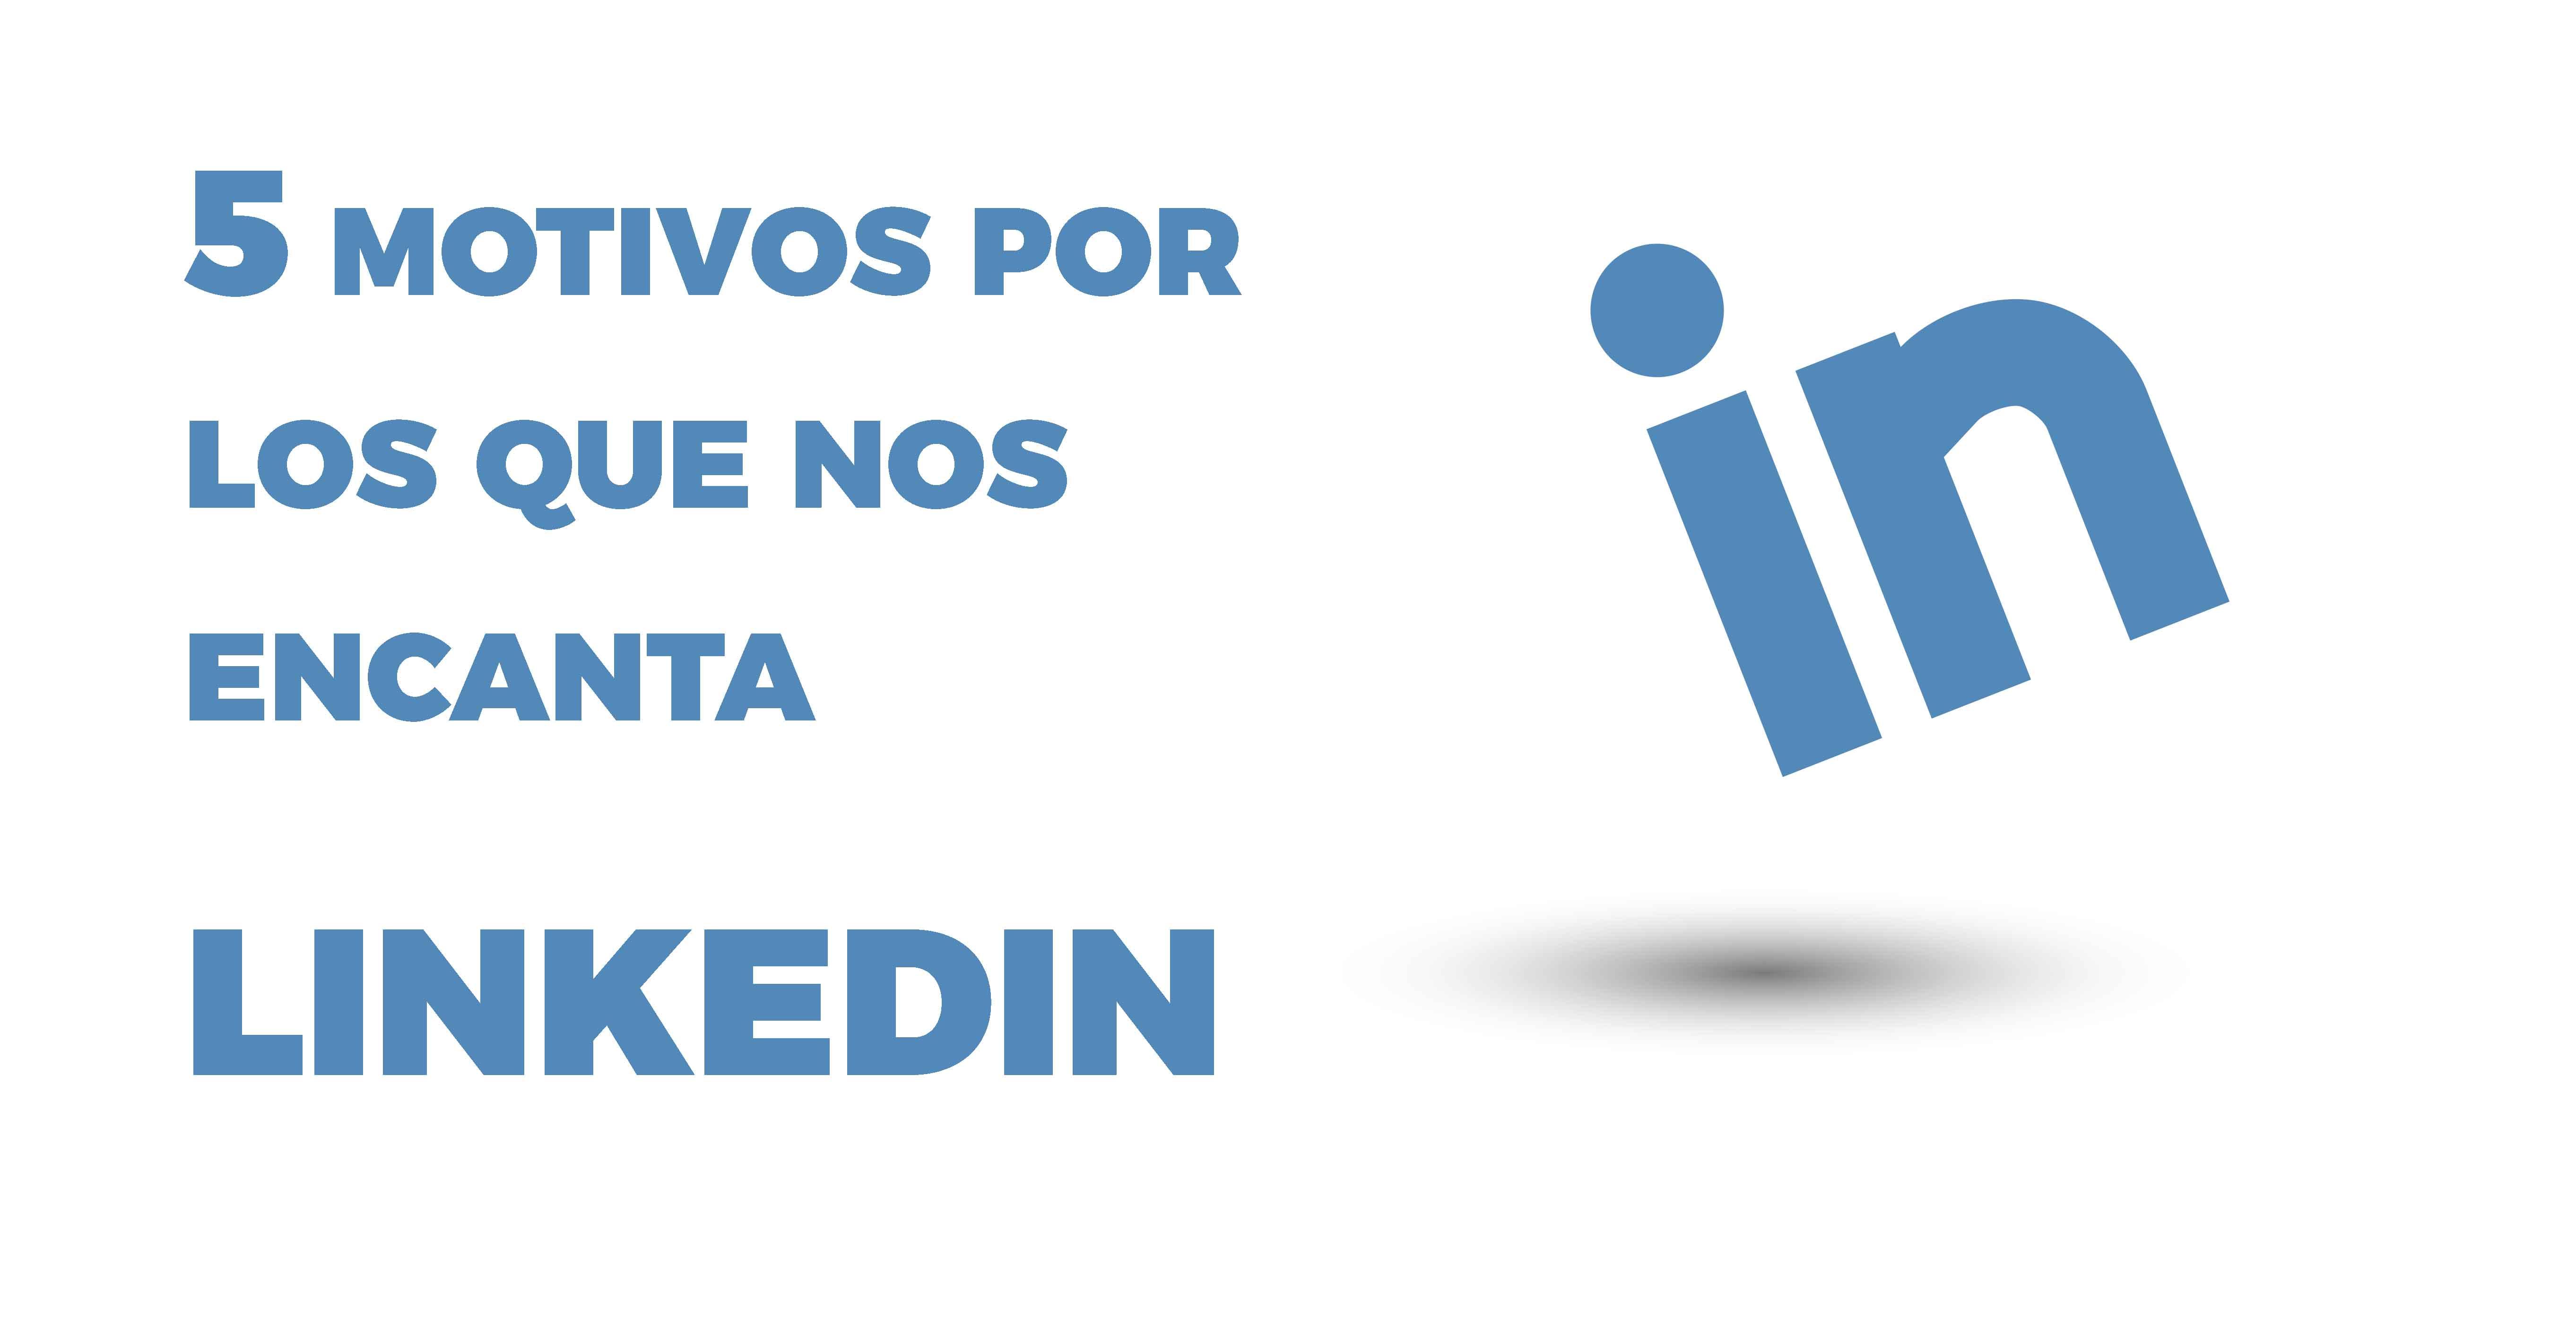 5 motivos por los que me encanta linkedIn